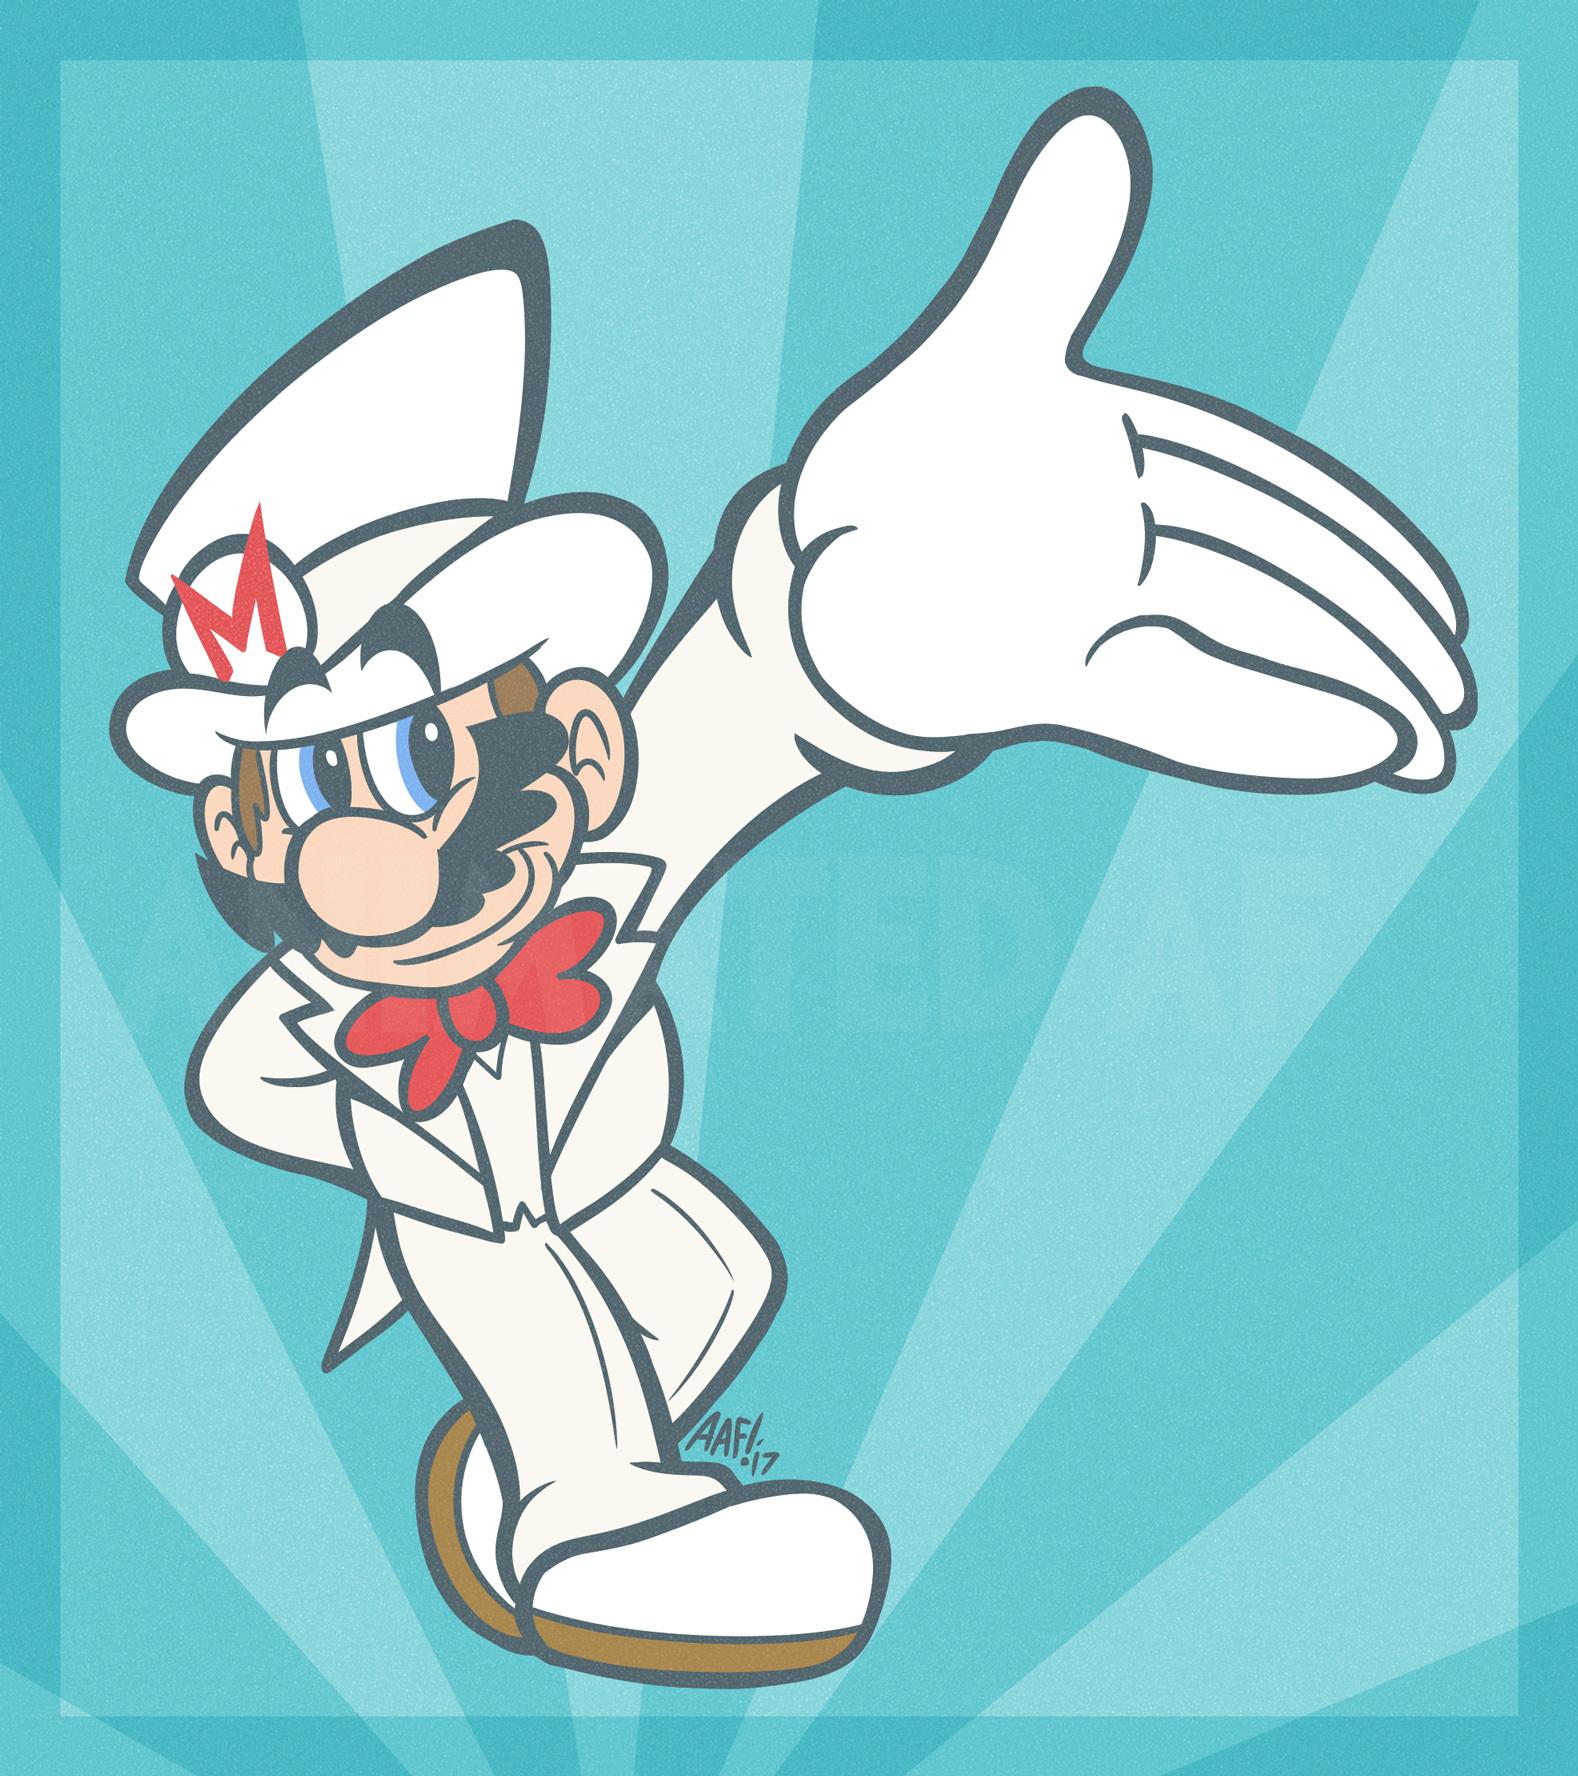 Why Mario you so Dapper